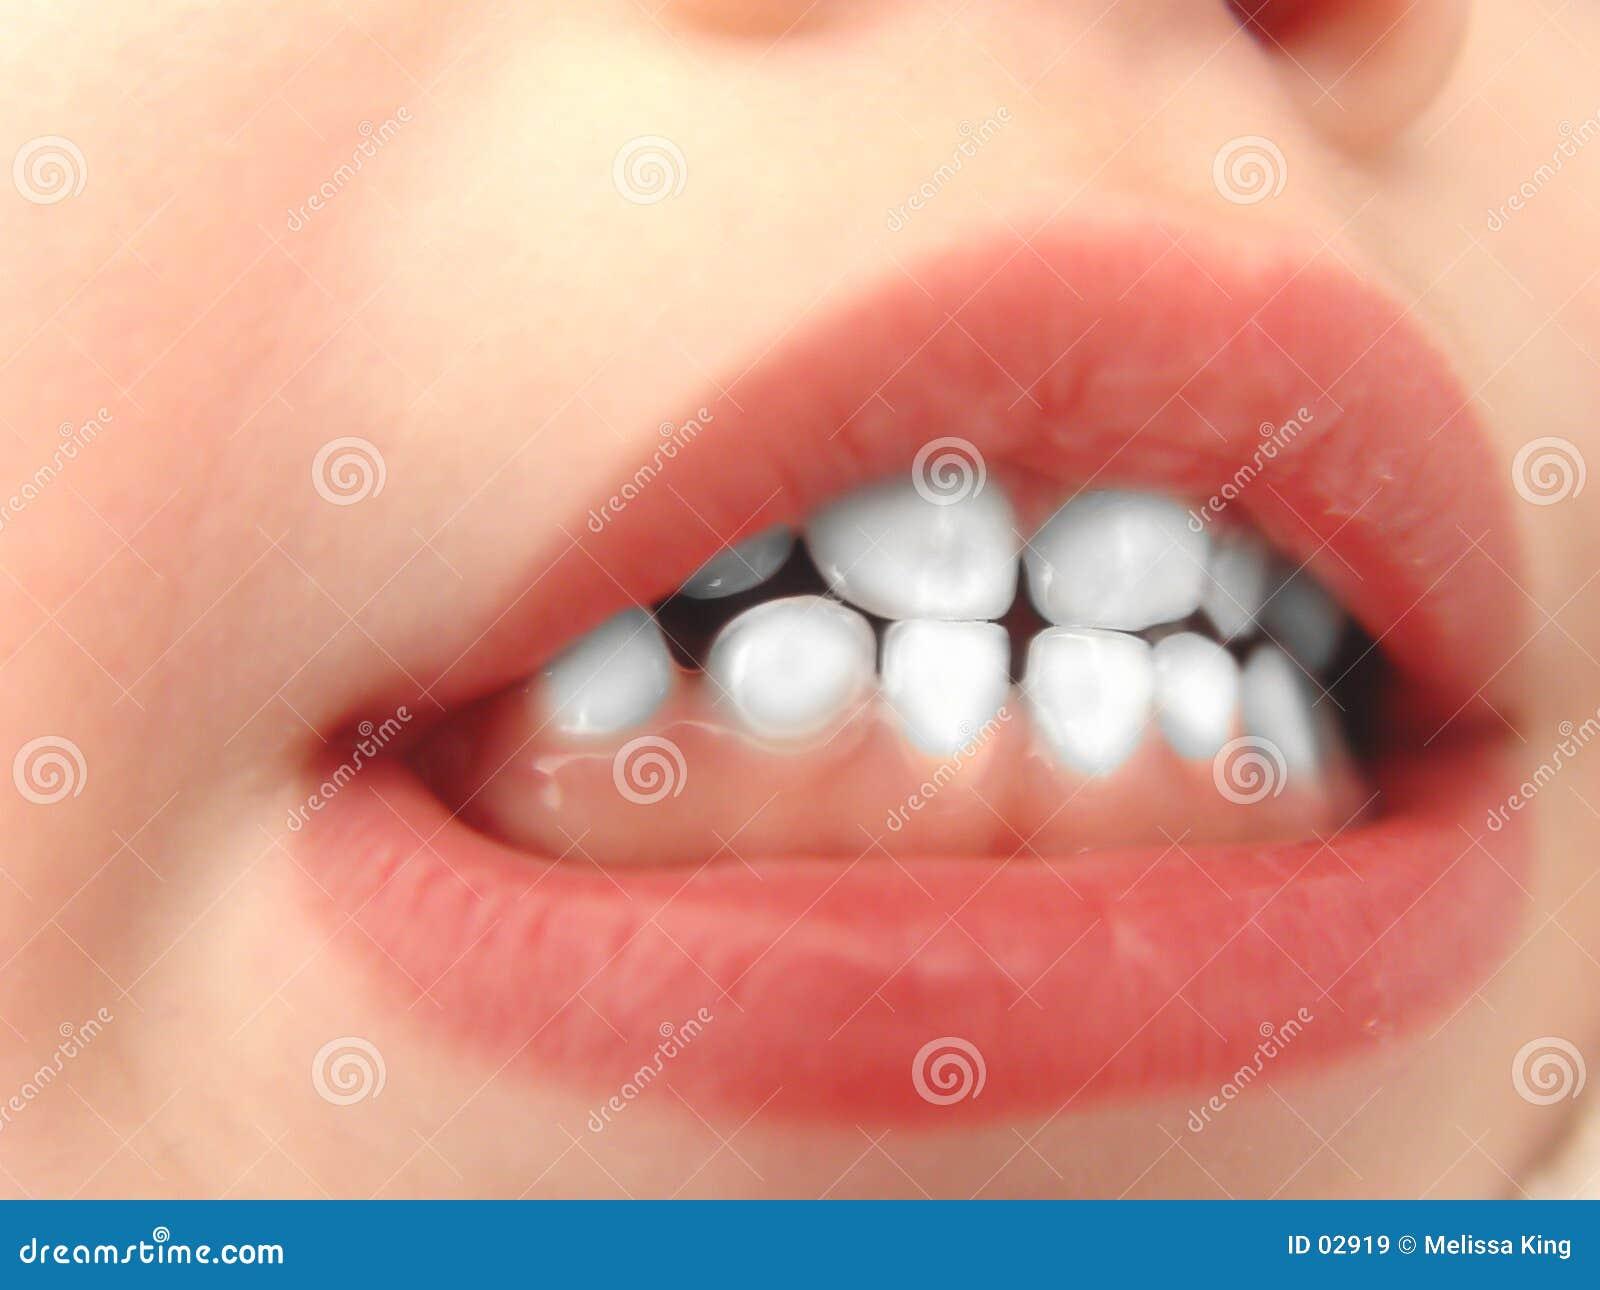 маленькие зубы белые